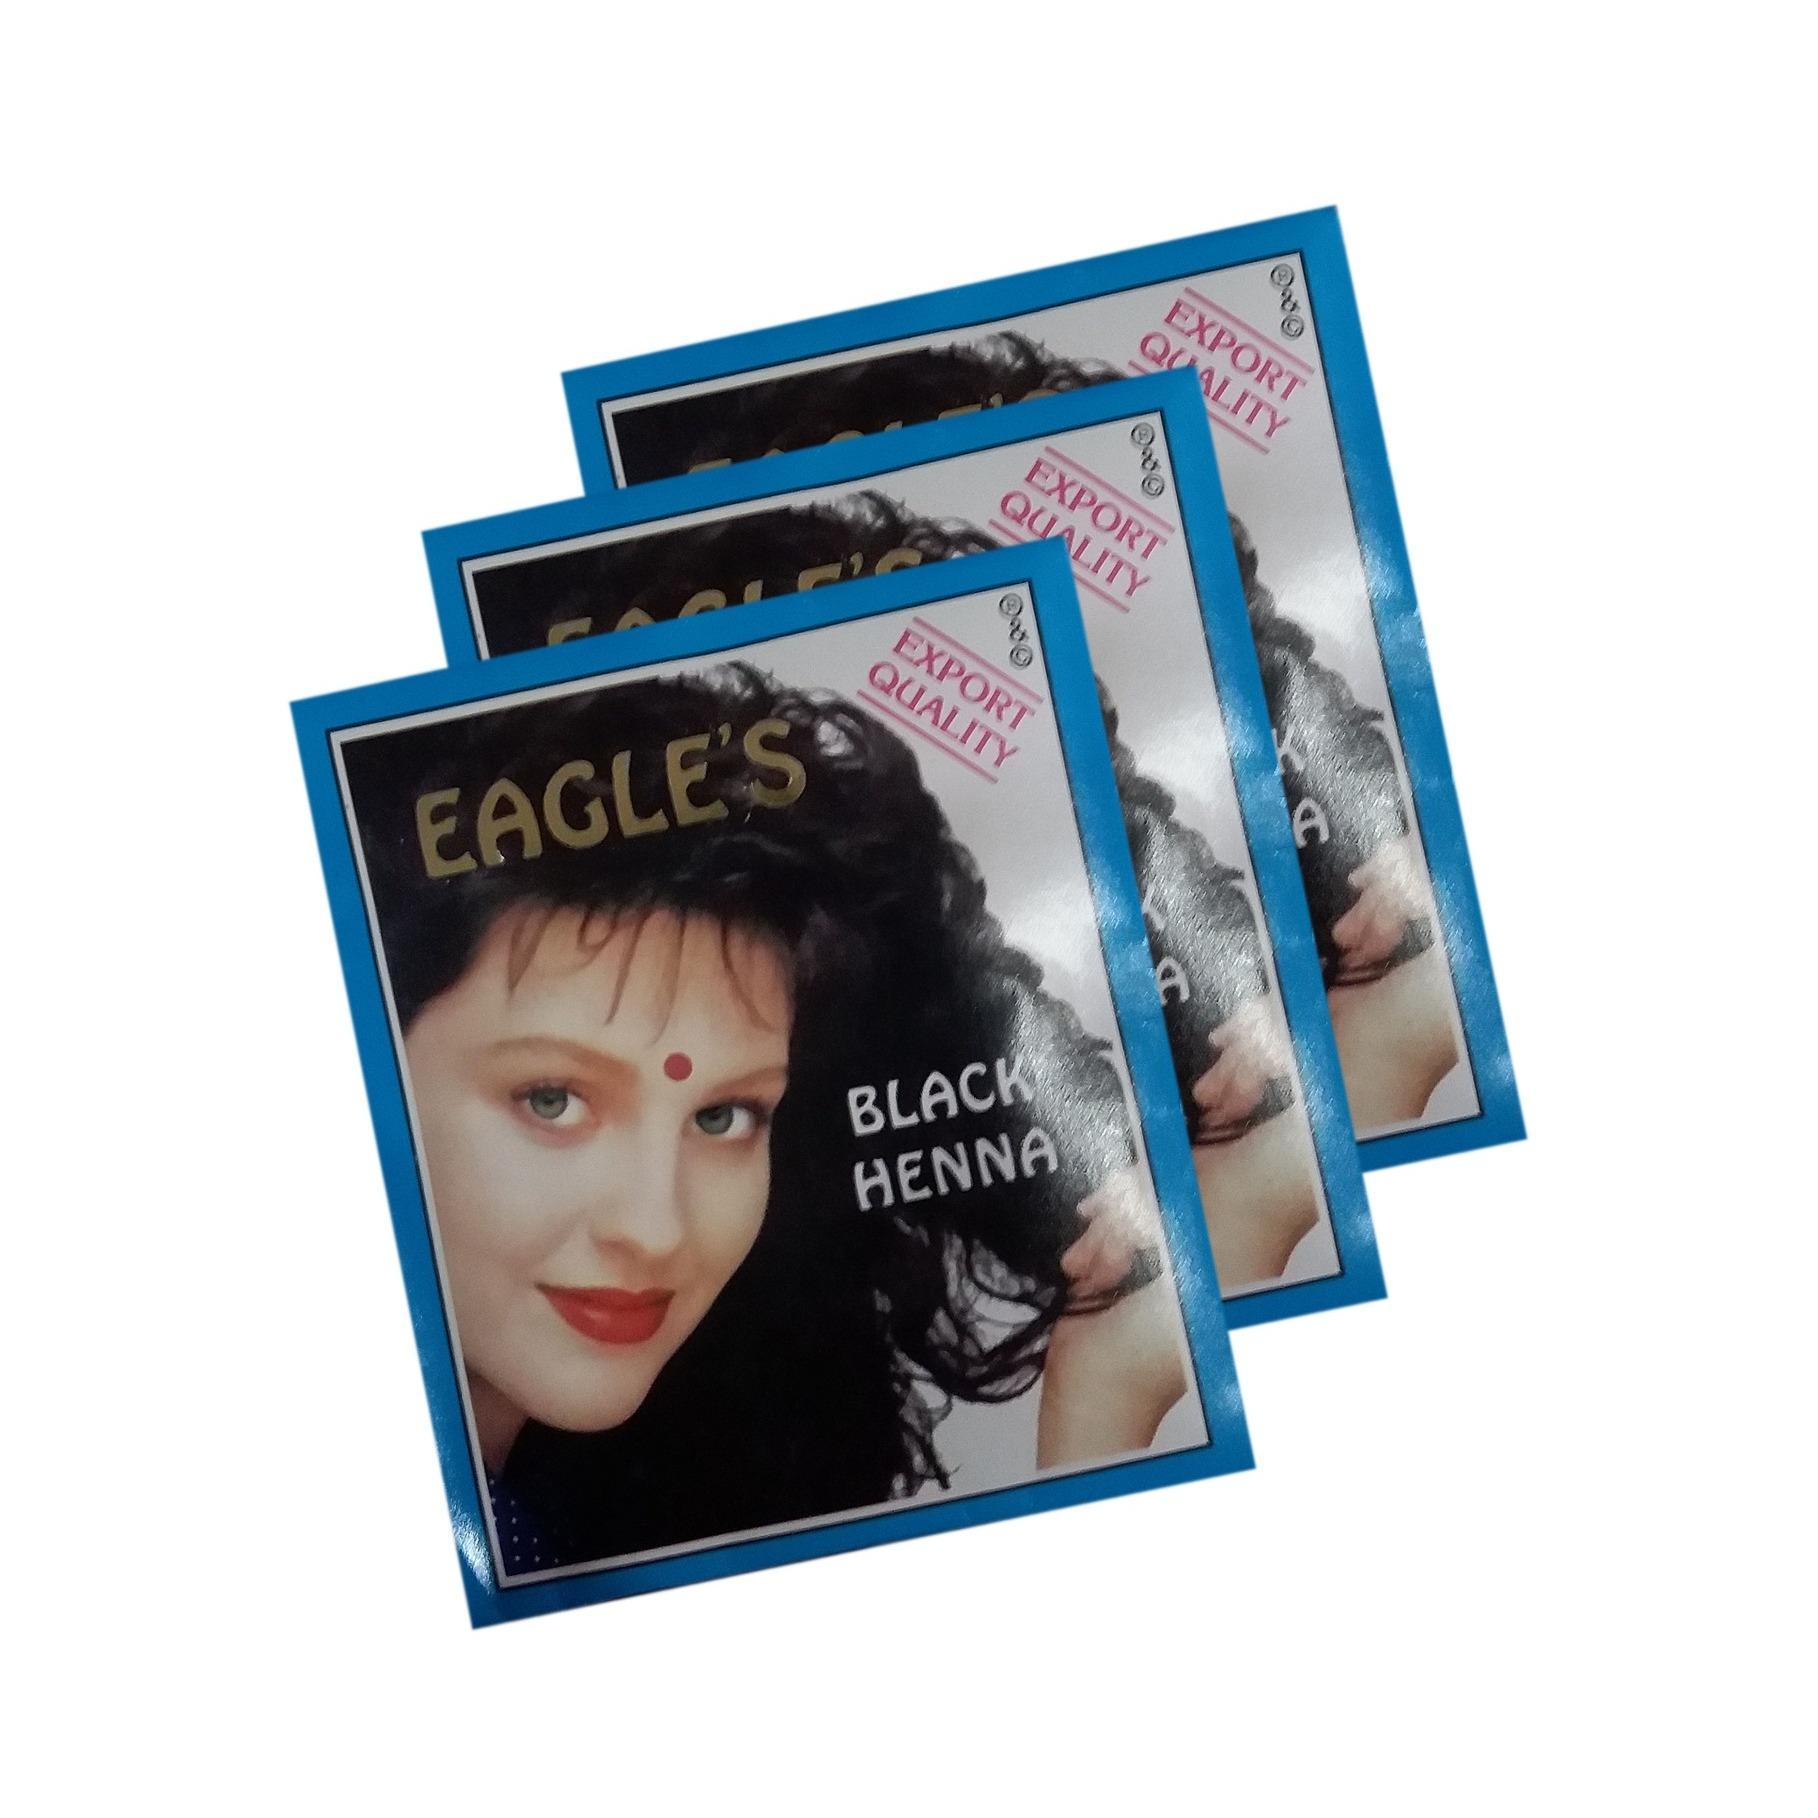 Eagle Semir Rambut Henna Black Daftar Harga Terbaru Dan Terupdate Buy 3 Get 2 Zubedah Inai Pewarna Chestnut Cat Eagles Hitam Isi Sachet Hena Bagus